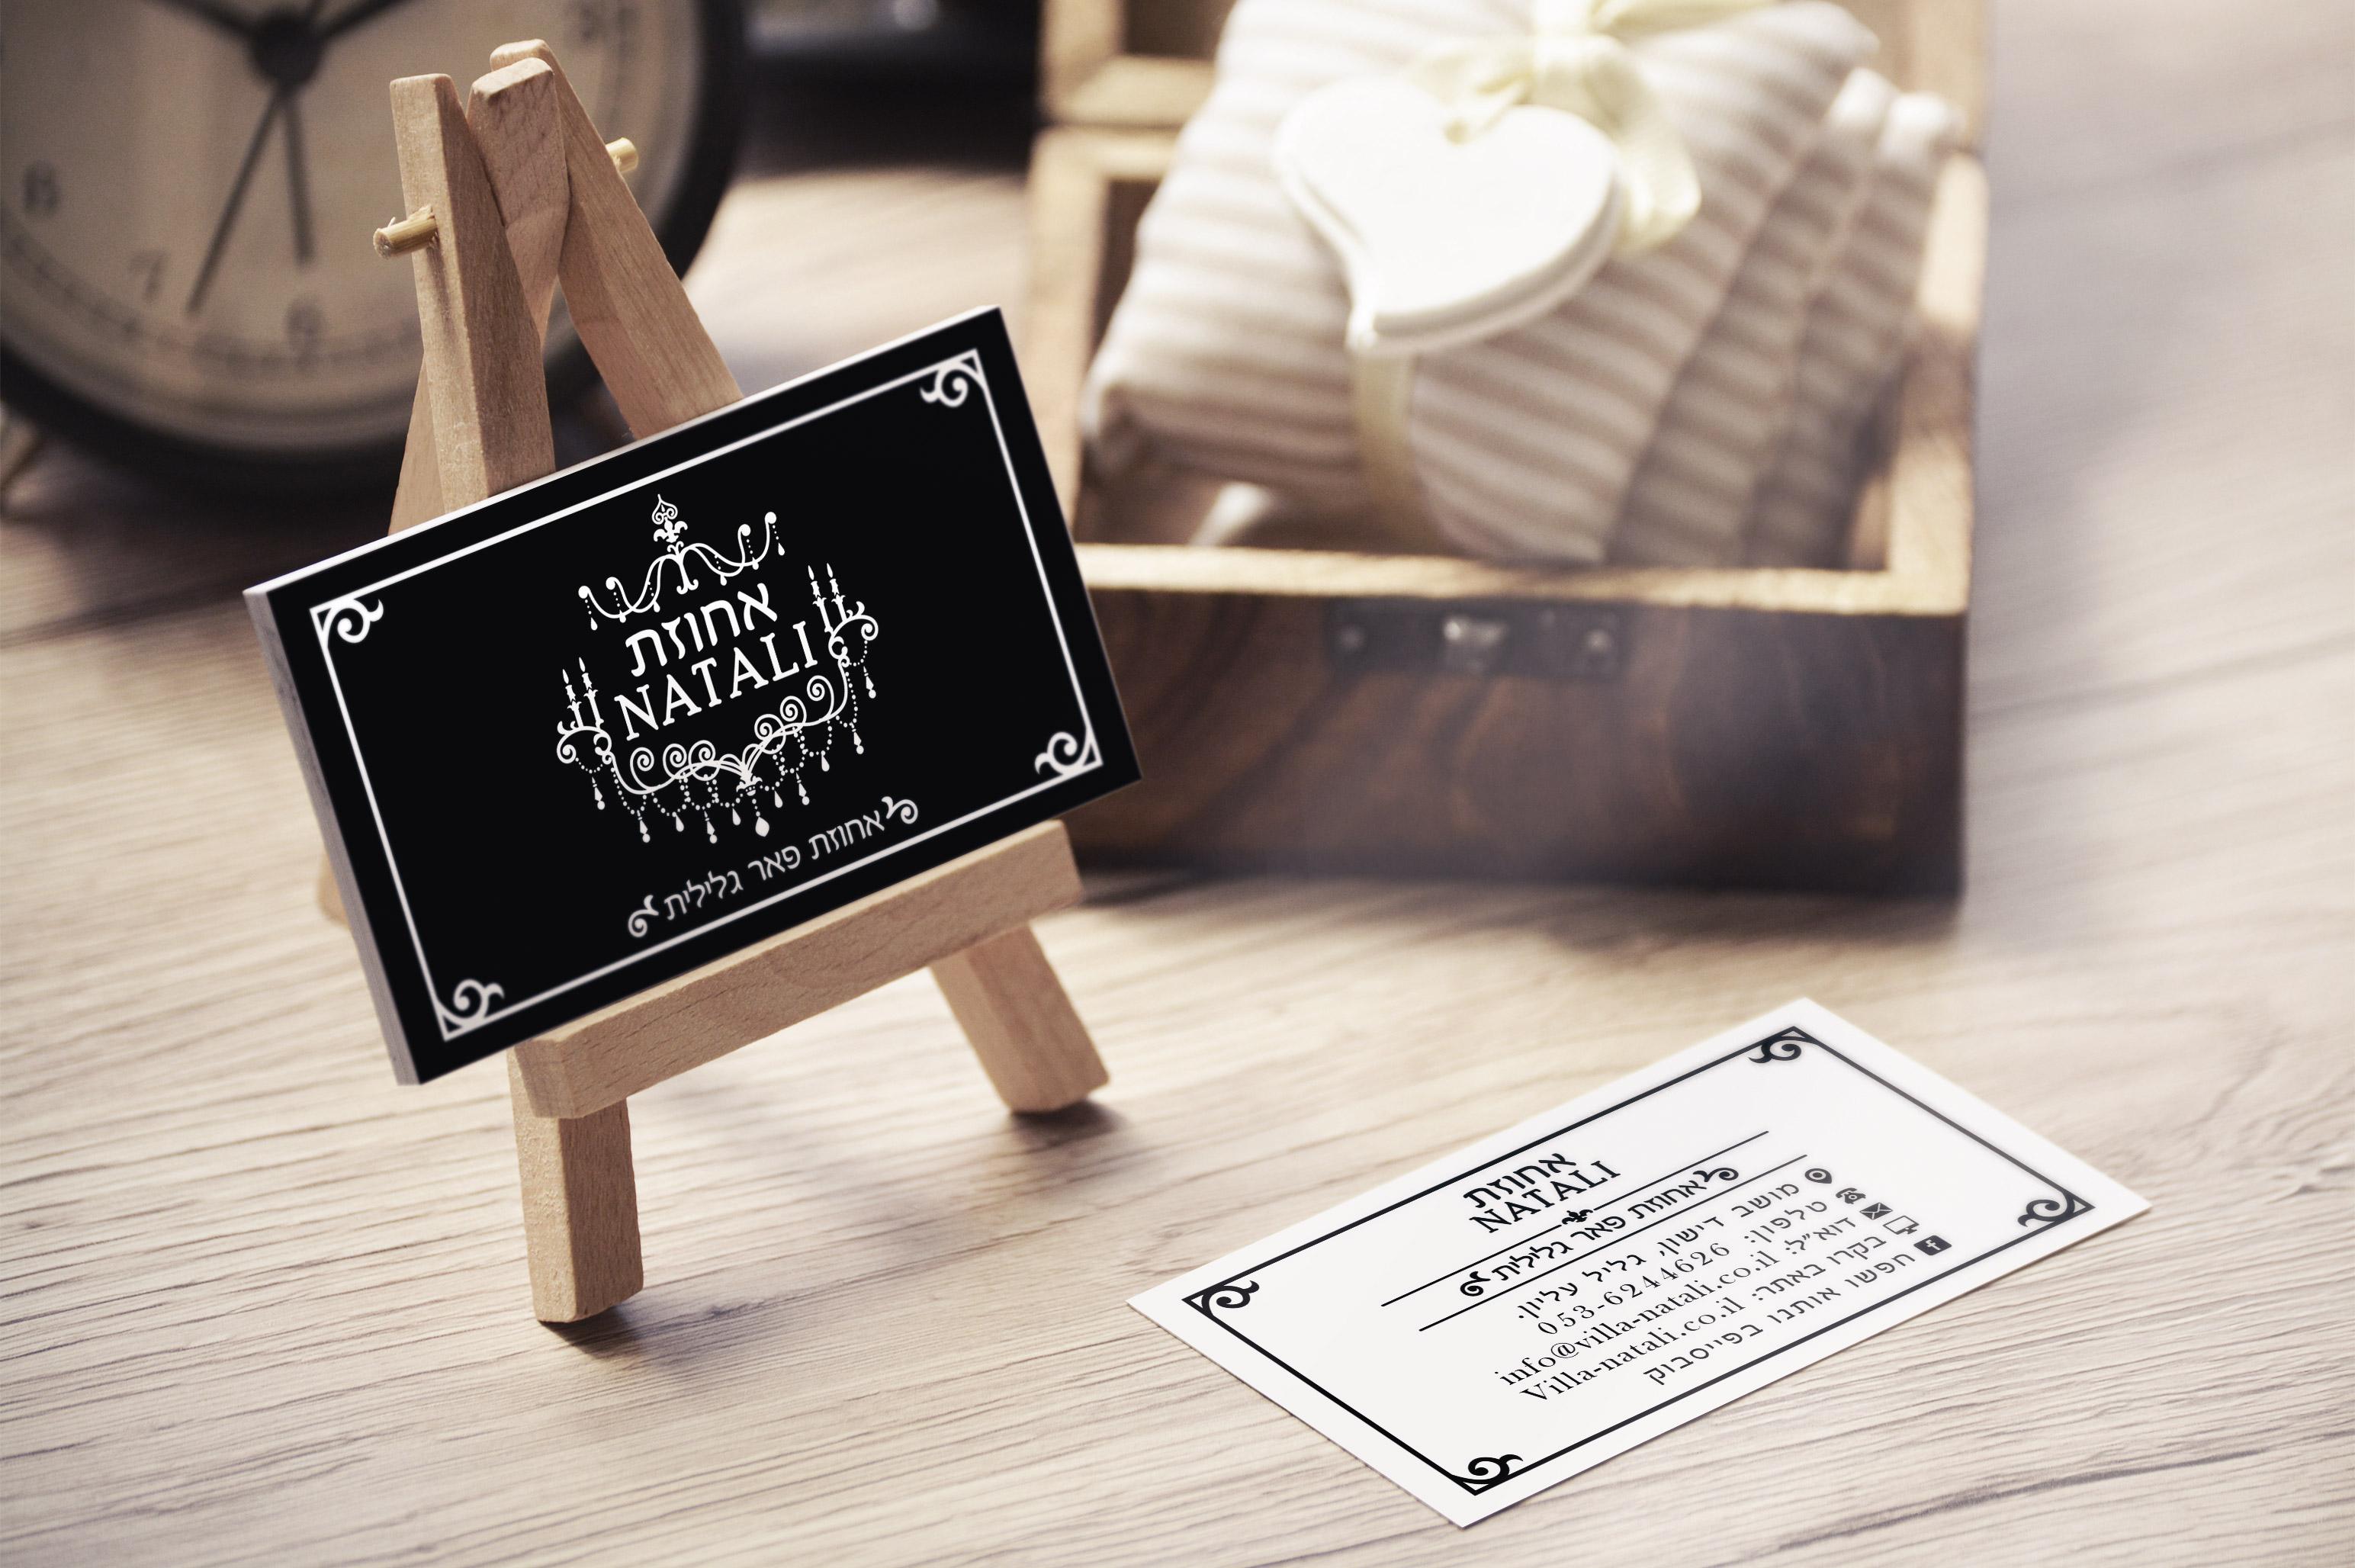 עיצוב כרטיס ביקור לצימר יוקרה